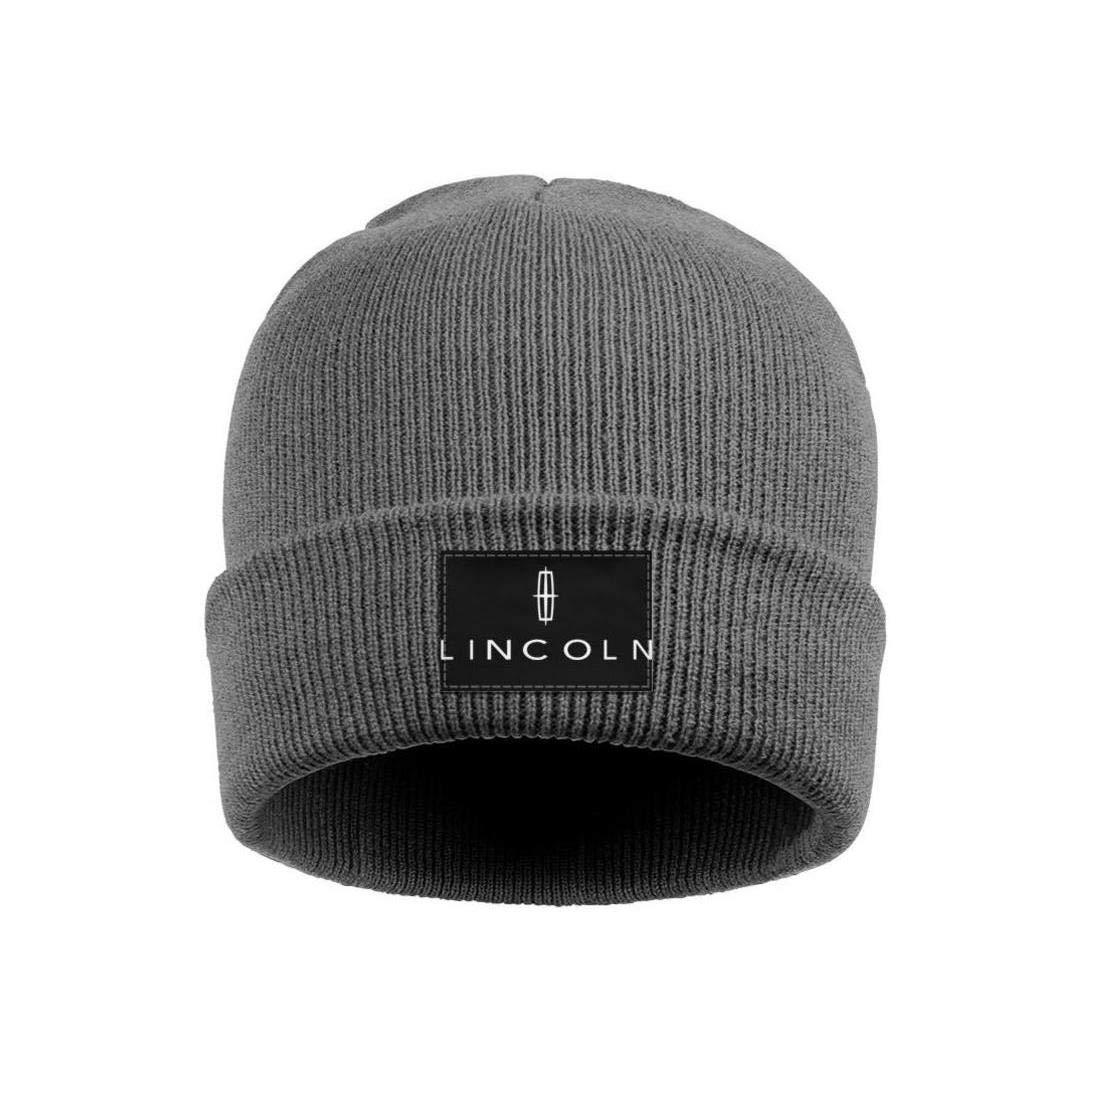 Wool Beanie Cap Knit Cap Fine Knit Beanie HatsWinter Warm sdfjkoinj Mens Lincoln-Logo